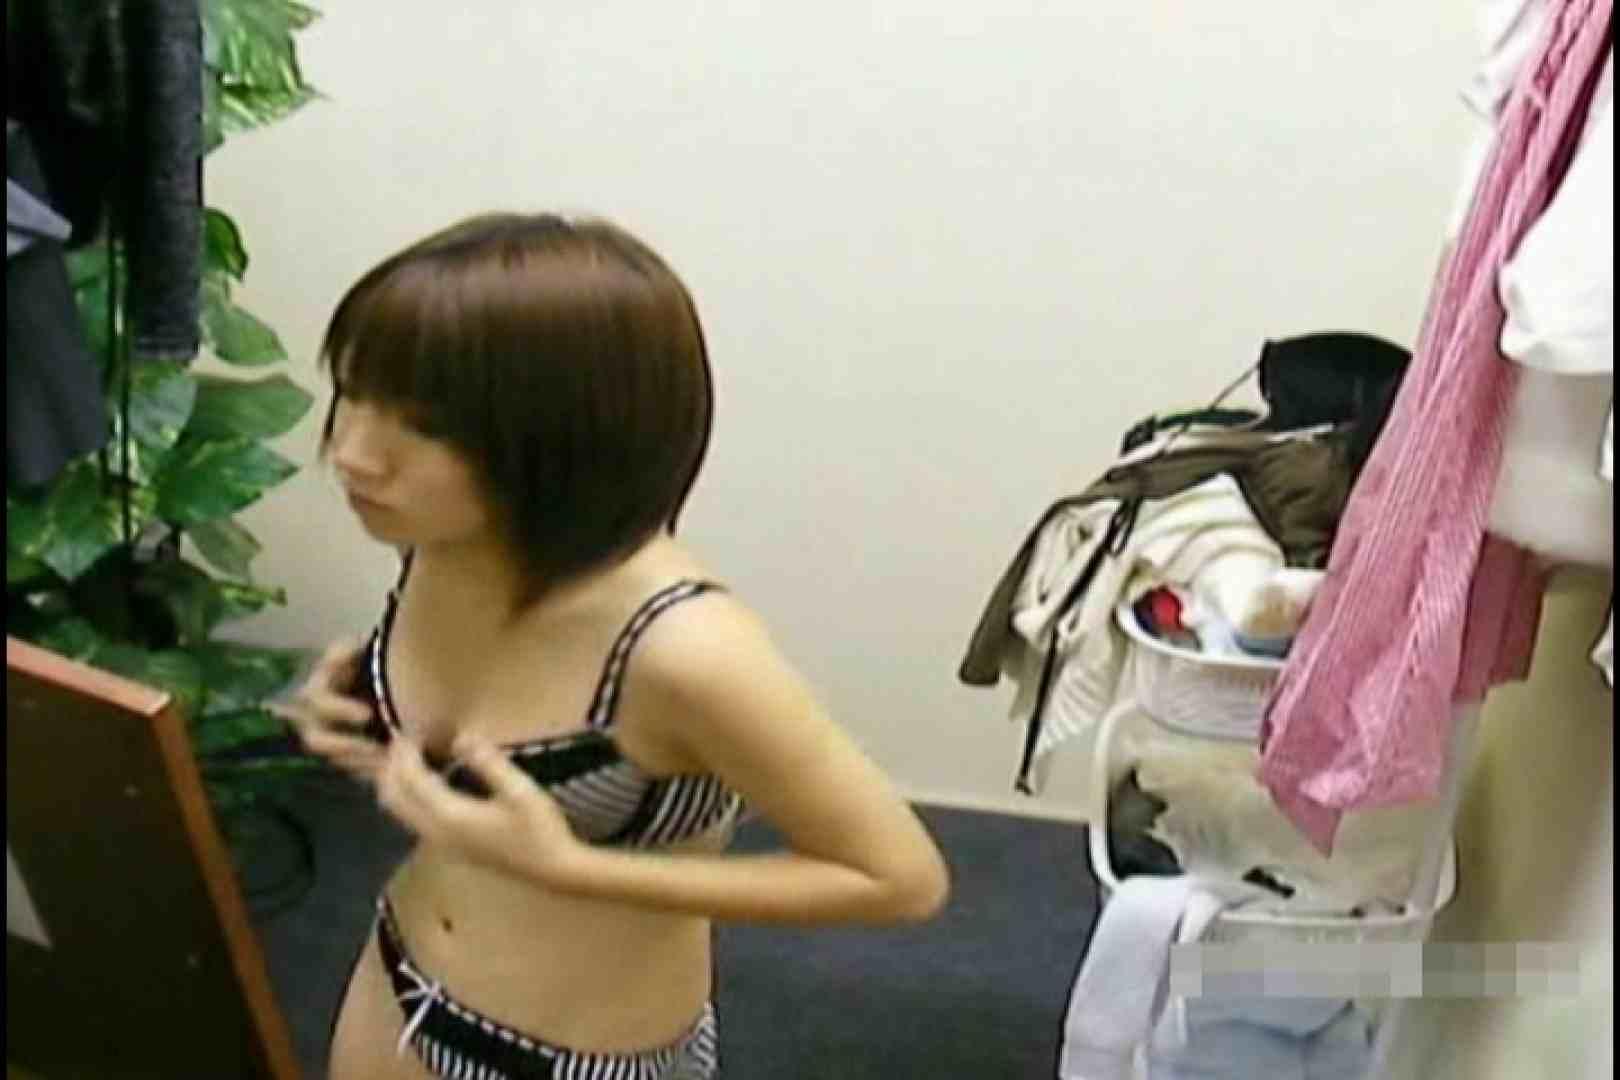 素人撮影 下着だけの撮影のはずが・・・れみ18歳 おっぱい  94連発 47